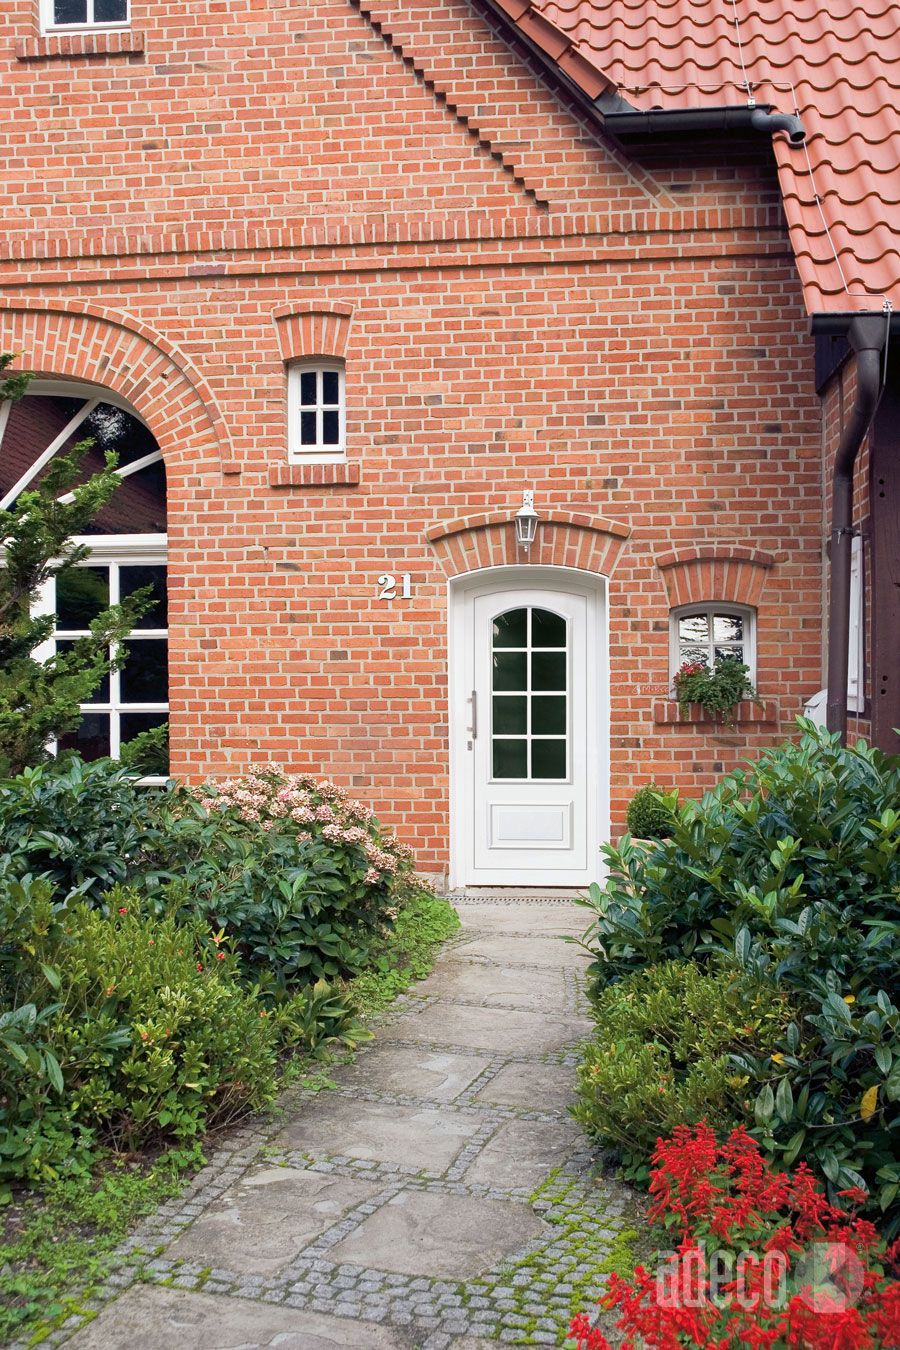 Haustüren Landhausstil klassische haustür juist adeco landhausstil haustüren in